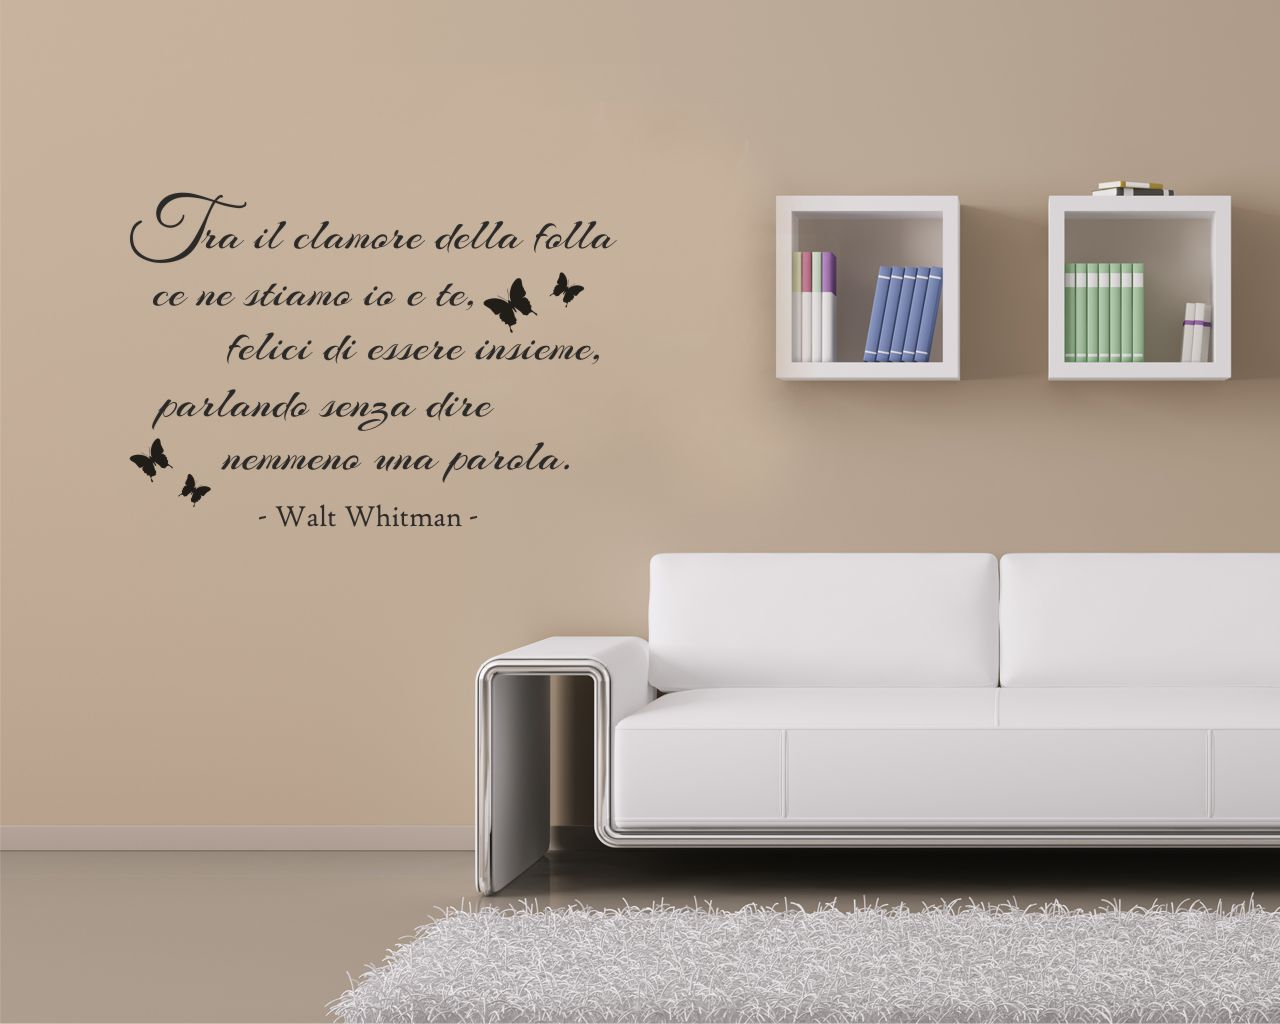 Tra il clamore della folla frasi aforismi citazioni - Scritte muri casa ...